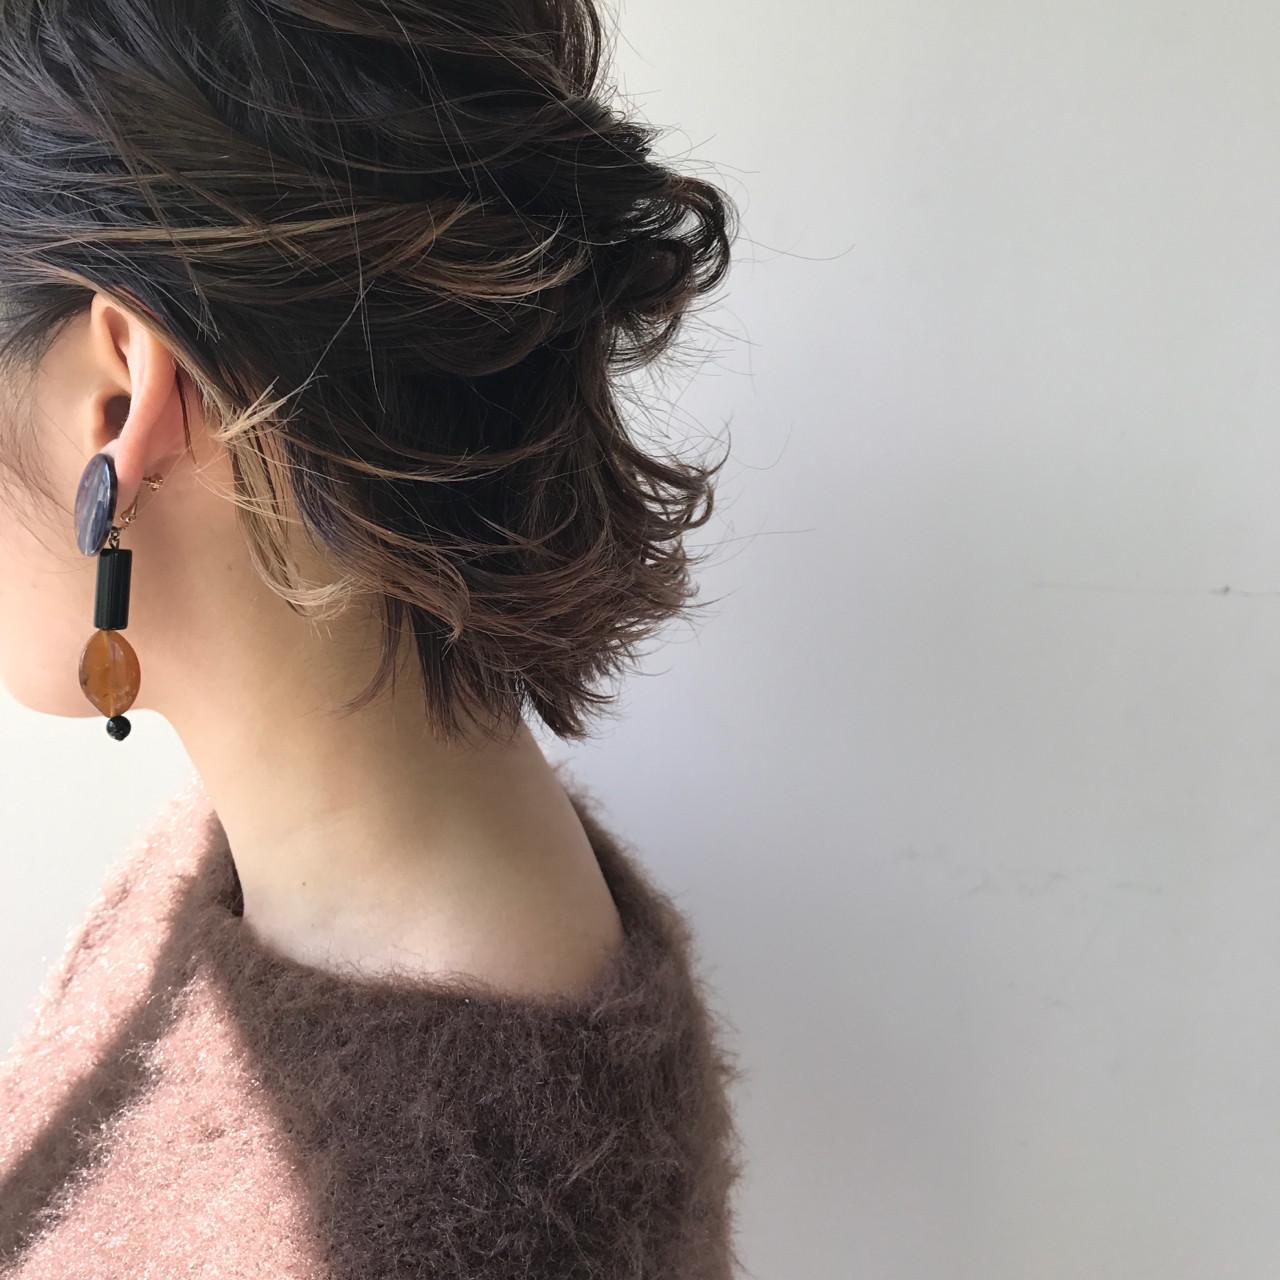 《レイヤーショートボブ》のシルエットにキュン♡心奪う愛されヘア集の12枚目の画像